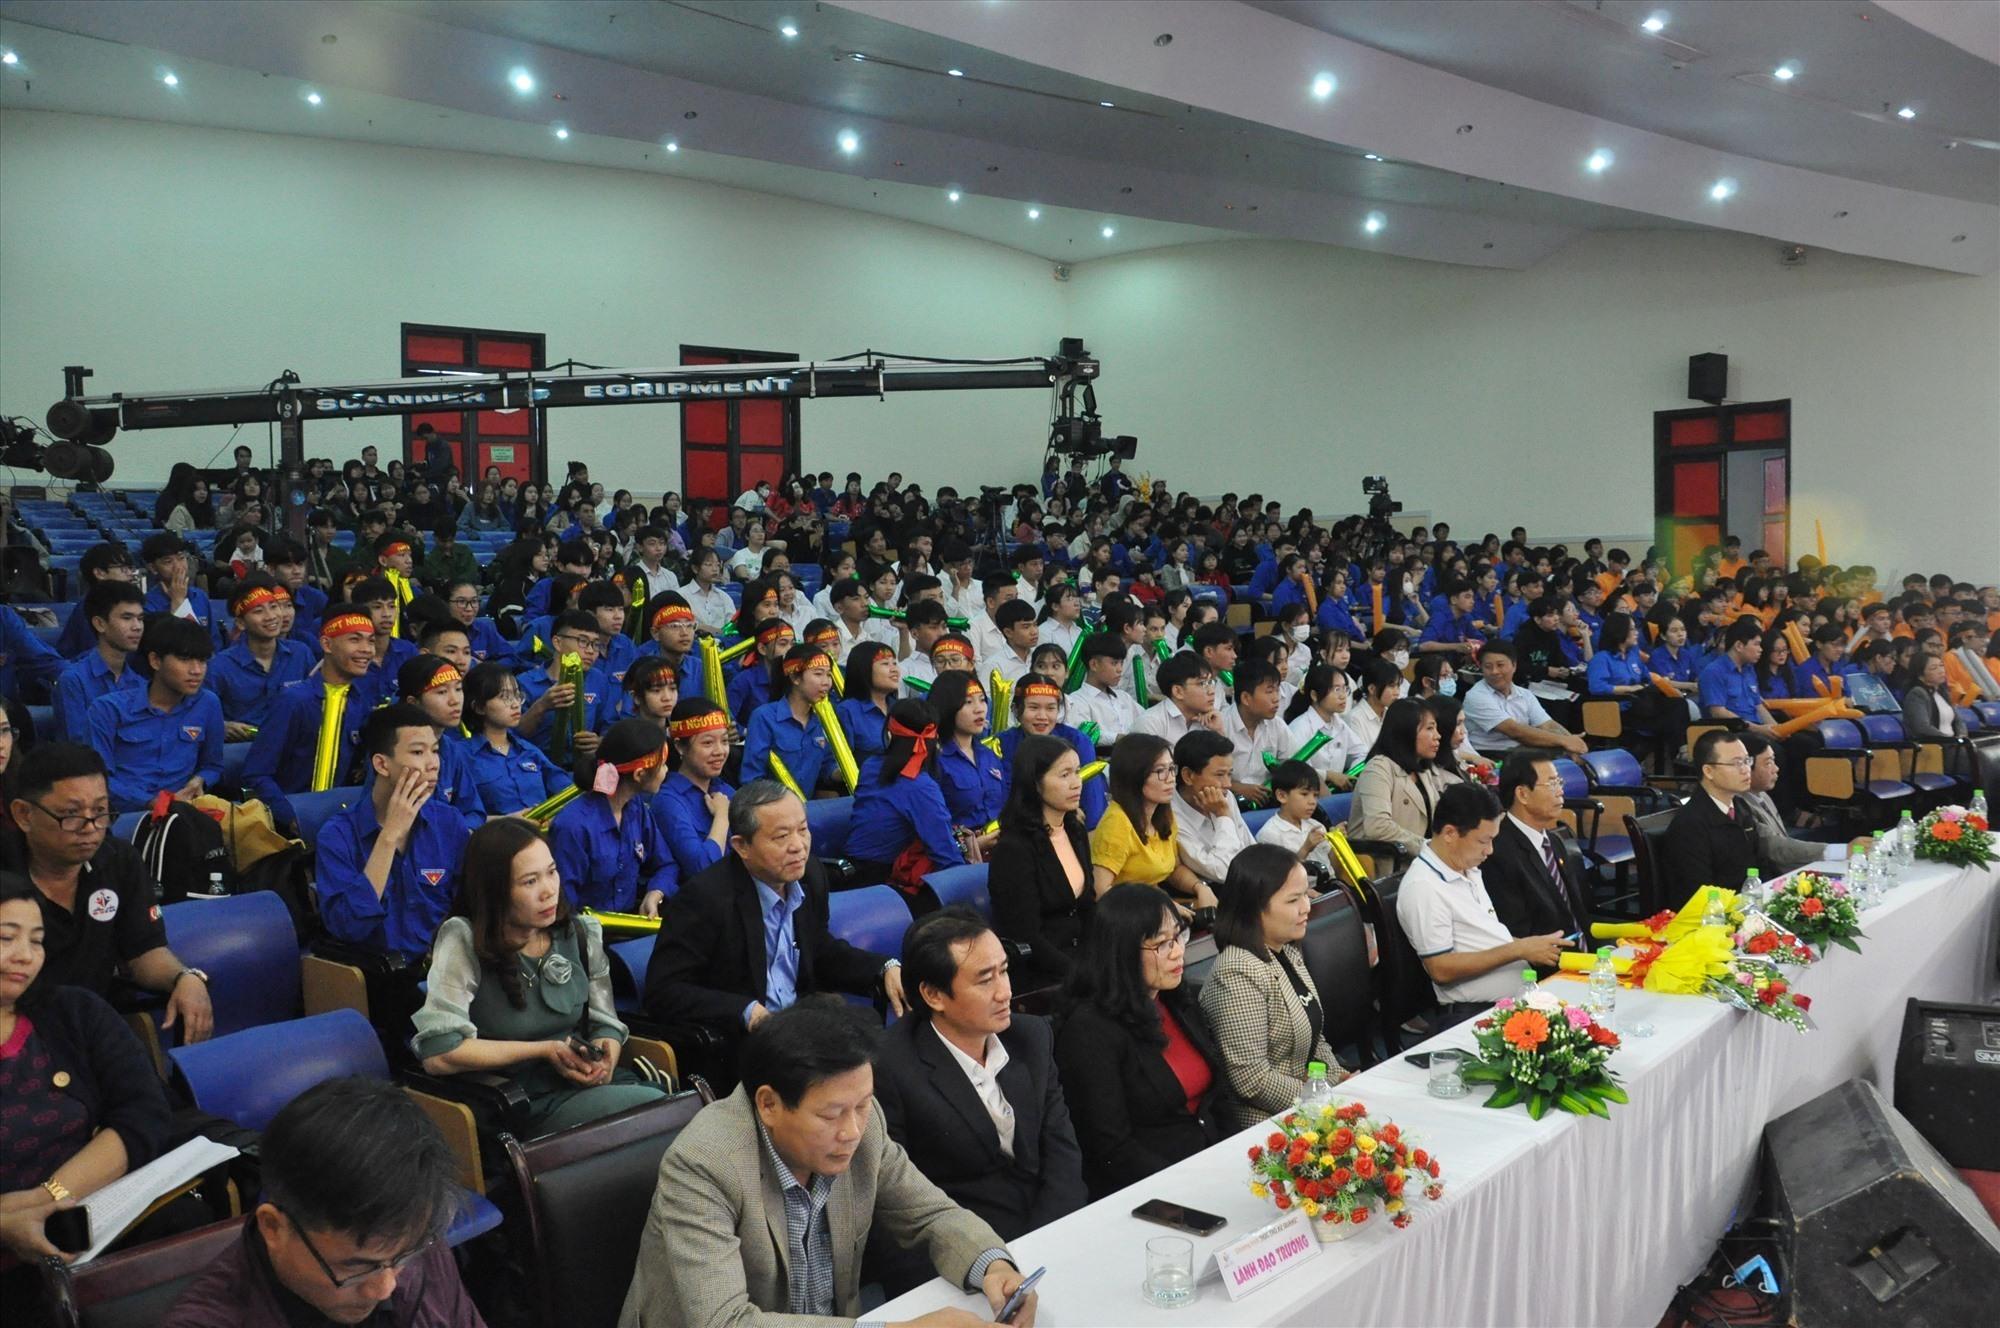 Khán giả ngồi chật kín hội trường Trường THPT chuyên Nguyễn Bỉnh Khiêm để theo dõi cuộc thi. Ảnh: X.P